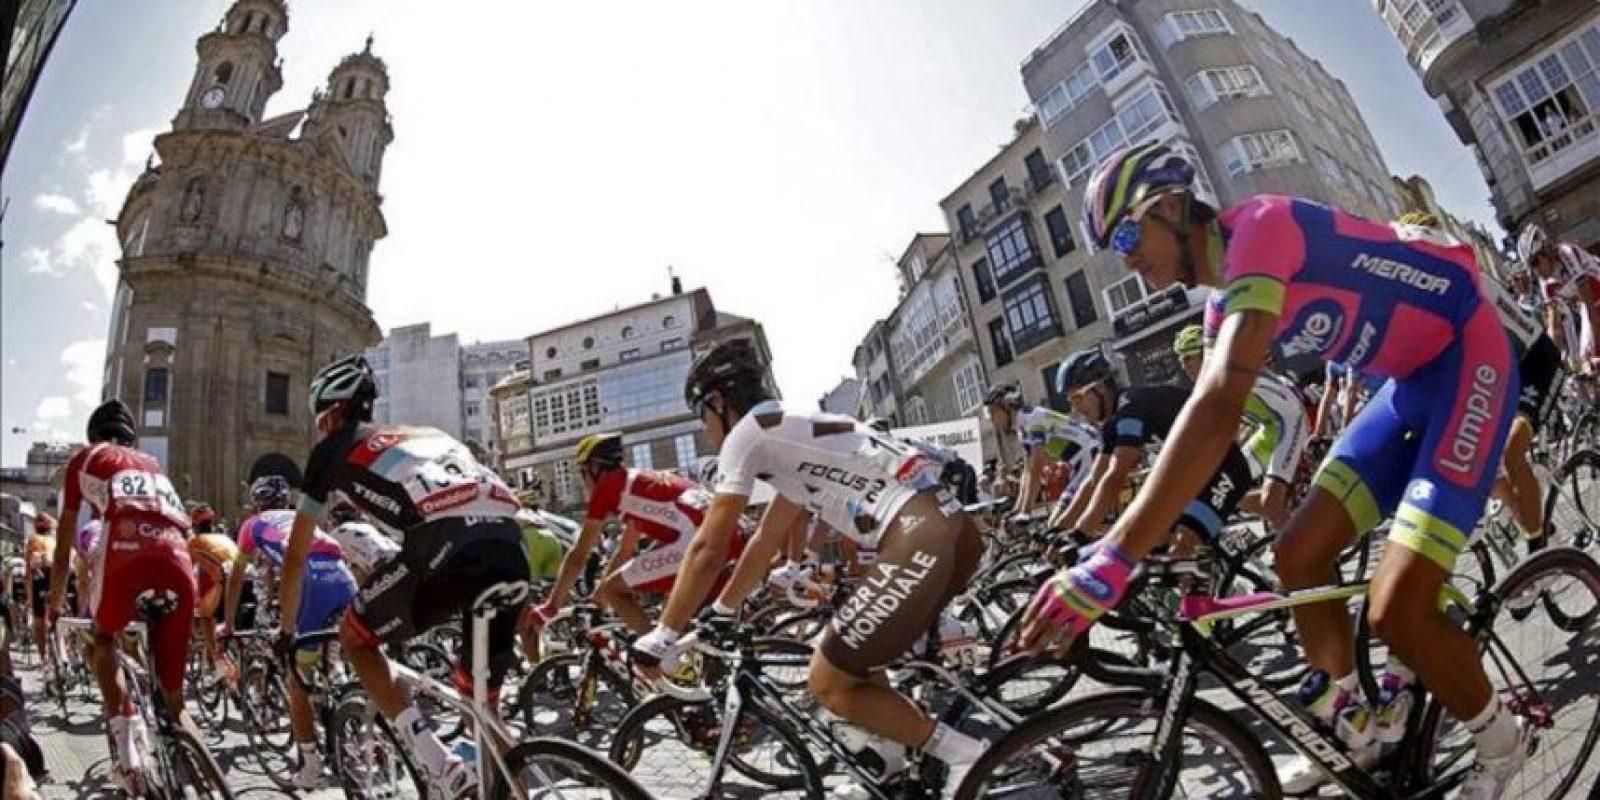 El pelotón toma la salida en la segunda etapa de la Vuelta Ciclista a España 2013, que se inicia en Pontevedra y finaliza en el alto del monte da Groba, en Baiona, con un recorrido de 176 kilómetros. EFE